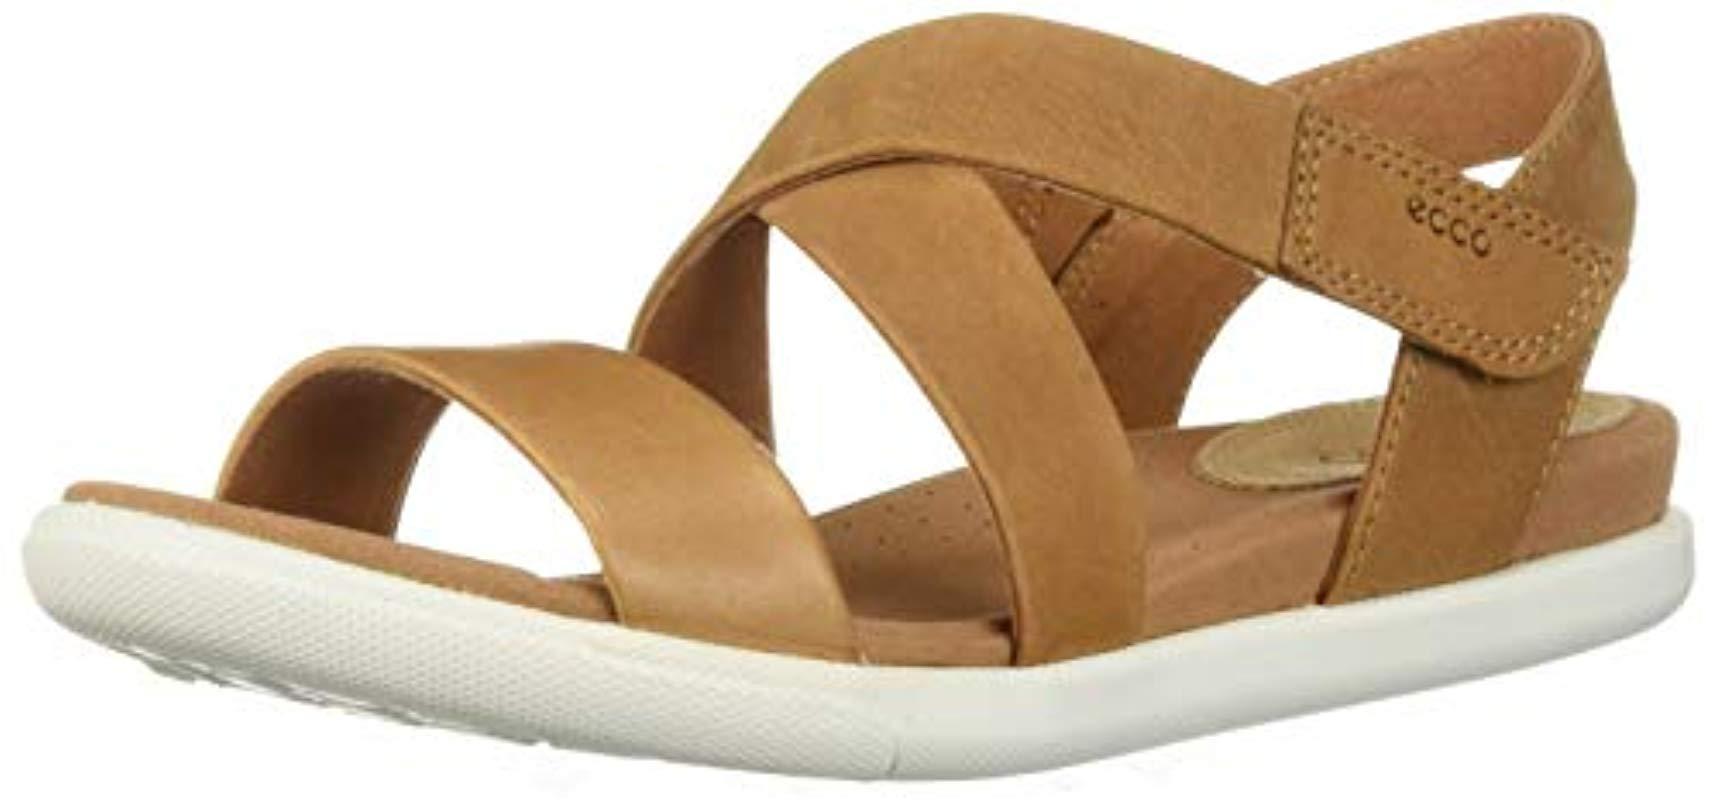 ff5a27c0a34a Ecco. Women s Damara Crisscross Flat Sandal